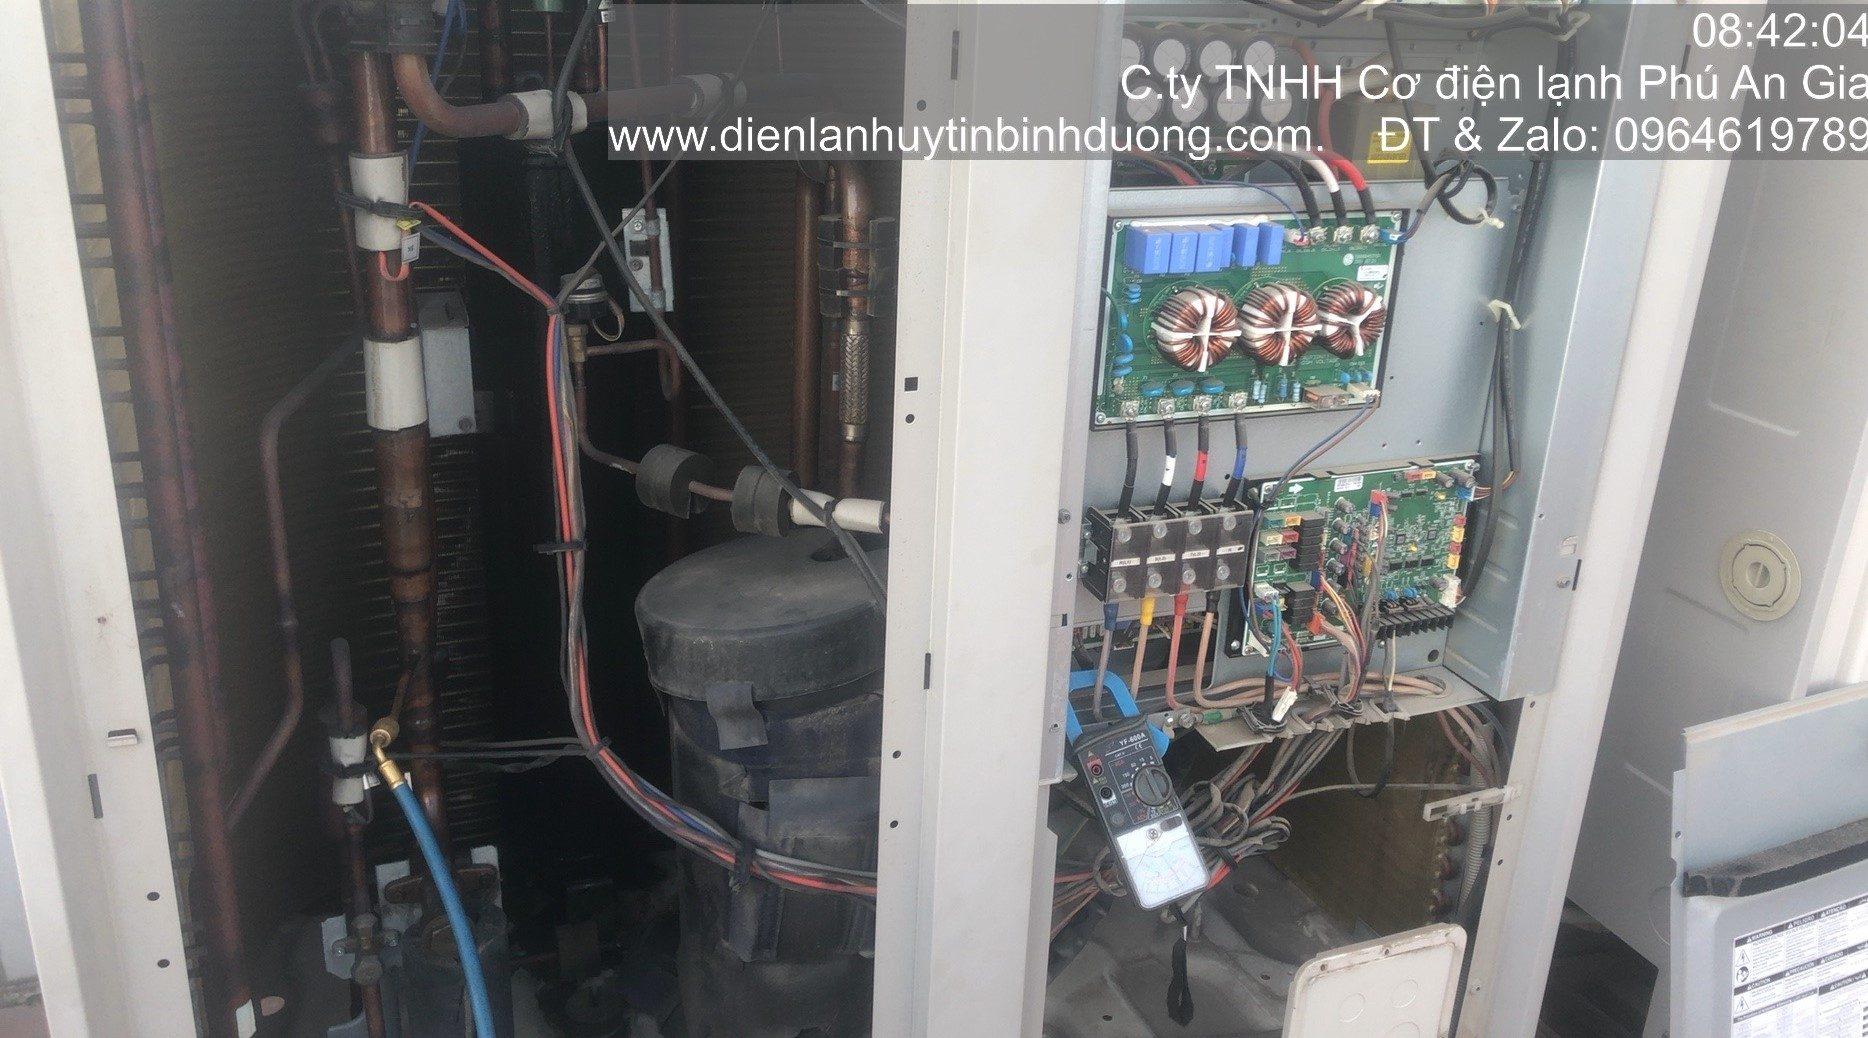 Tổ Hợp Máy Lạnh Công Nghiệp LG Muti